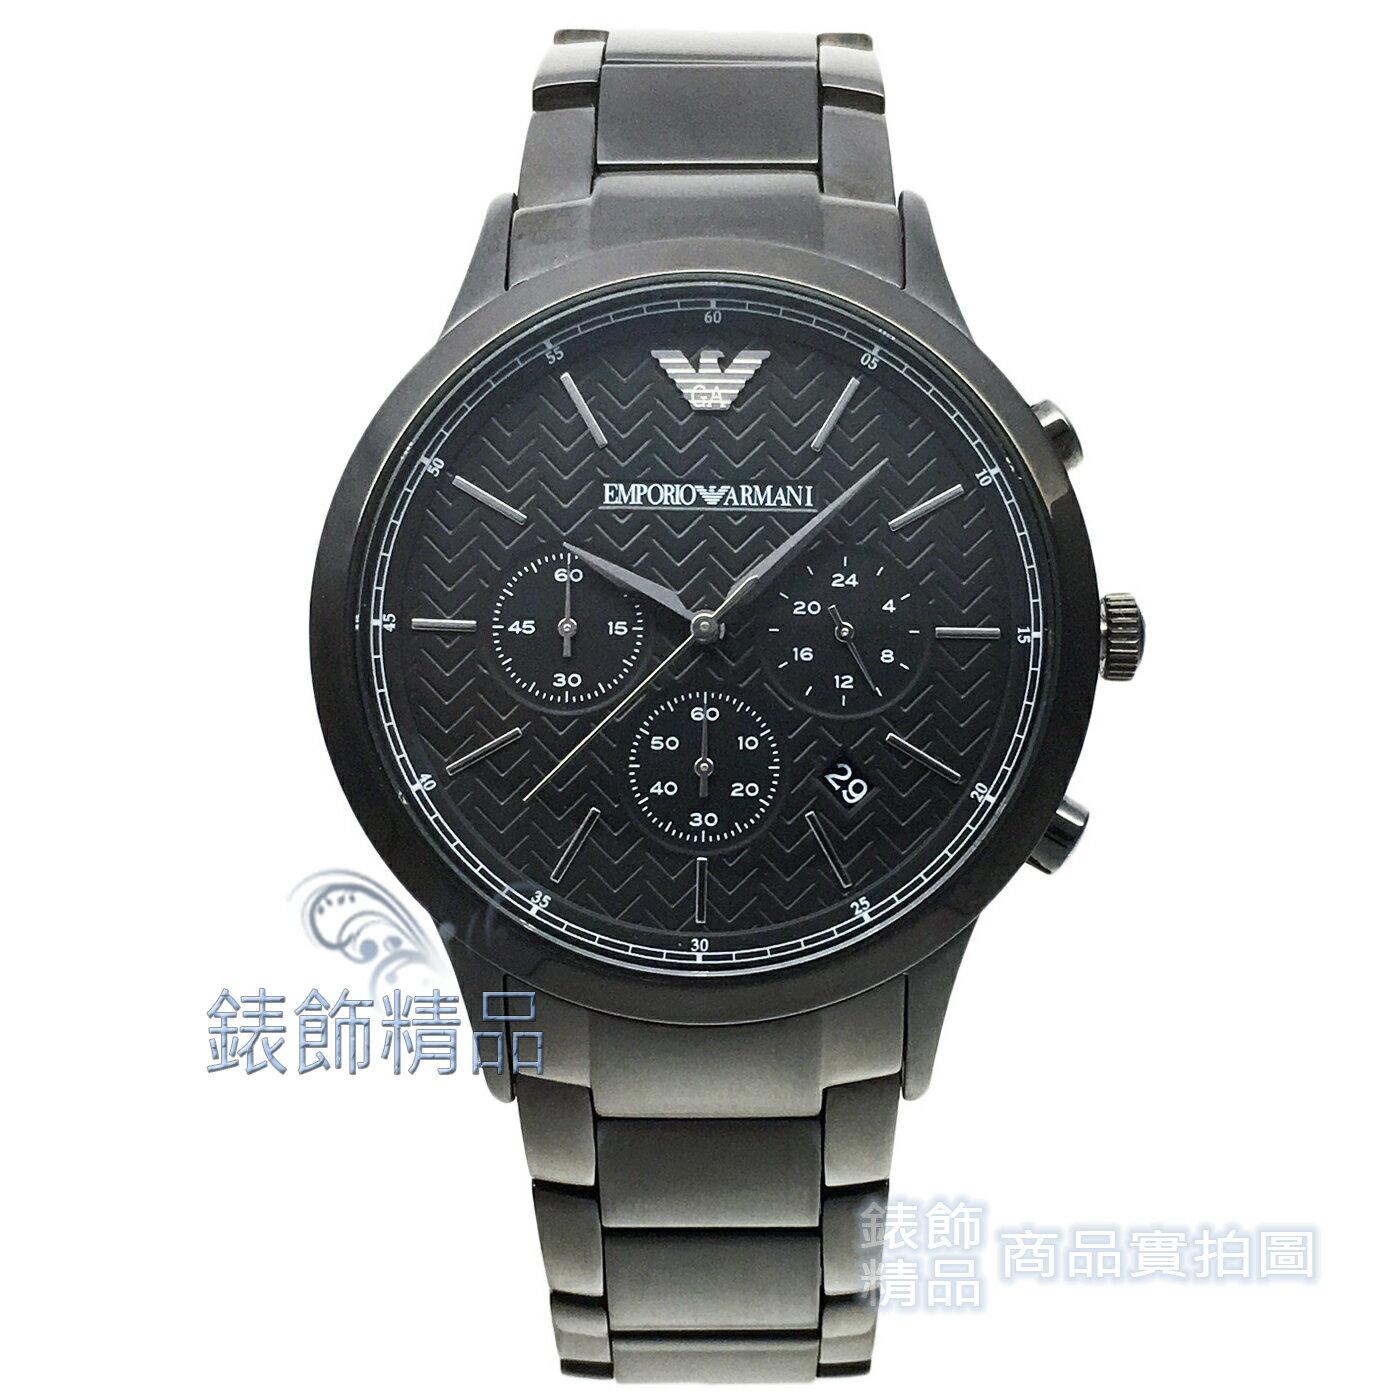 ~錶飾 ~ARMANI手錶 亞曼尼表 紋路 日期 三眼計時 黑面鋼帶男錶 AR2485